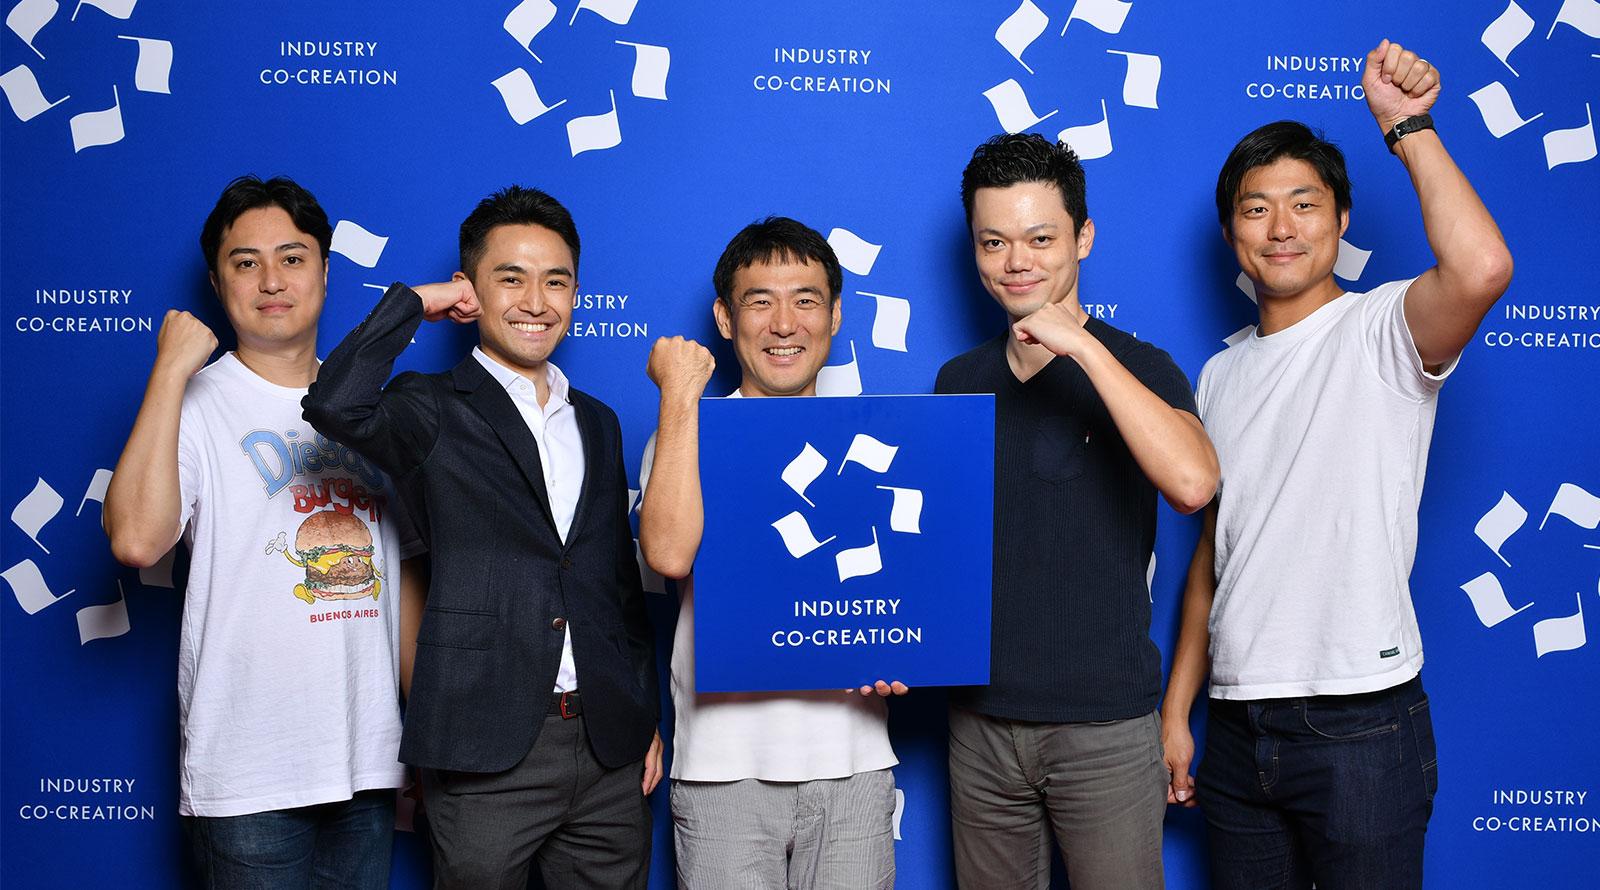 じげん取締役の寺田が、昨年登壇したイベント 《ICCサミット KYOTO …